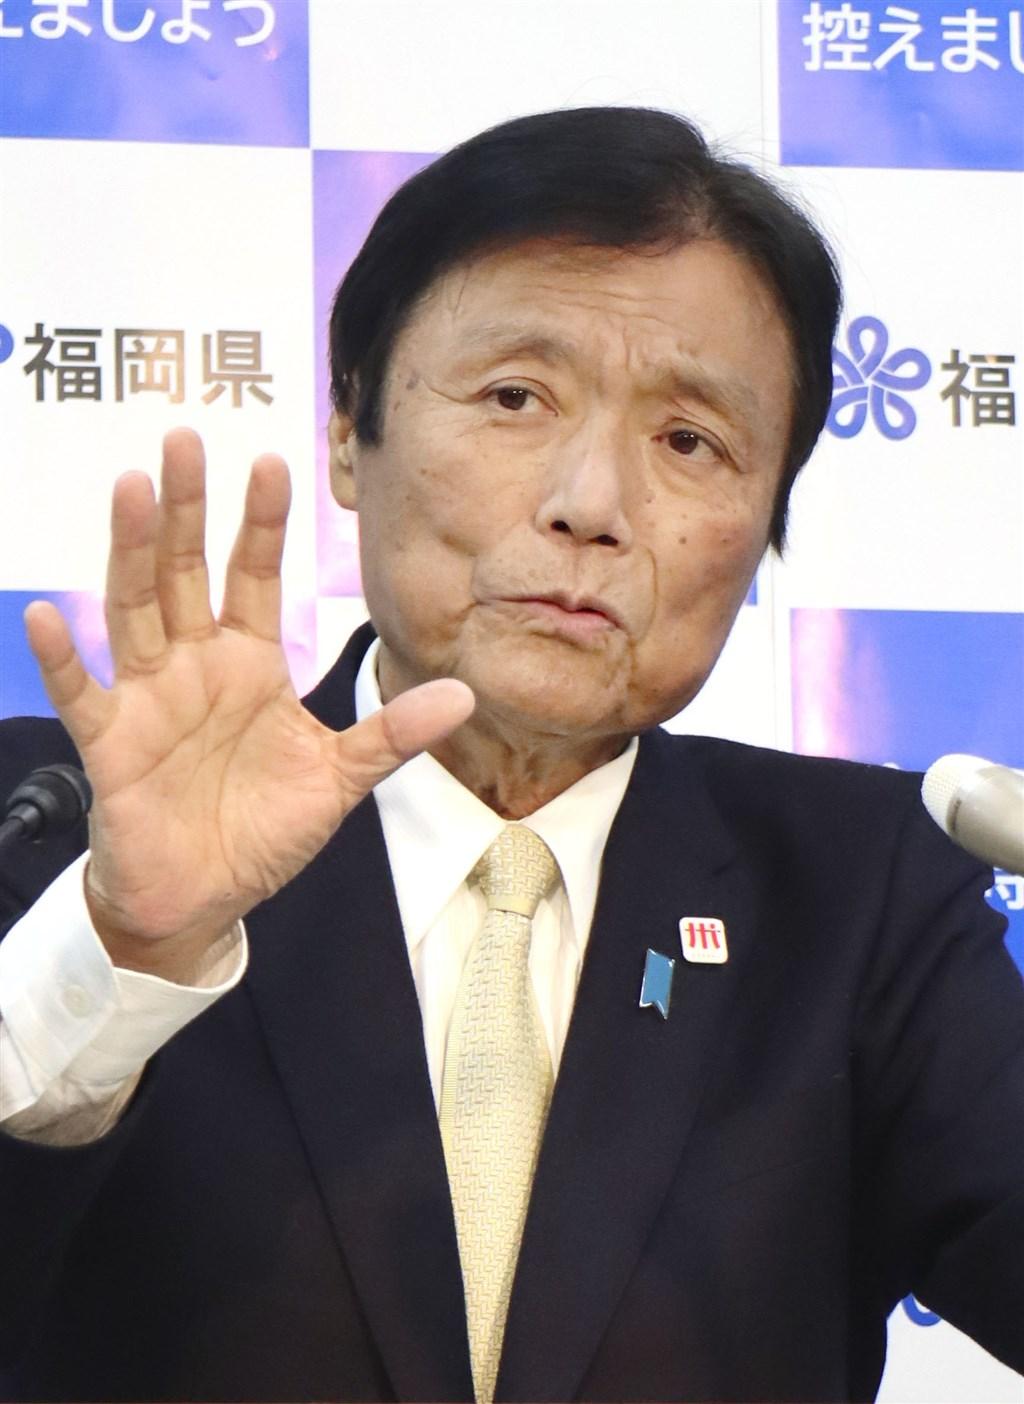 日本福岡縣知事小川洋因罹患肺腺癌正住院治療中,他決定向福岡縣議會議長提出辭呈。(共同社)